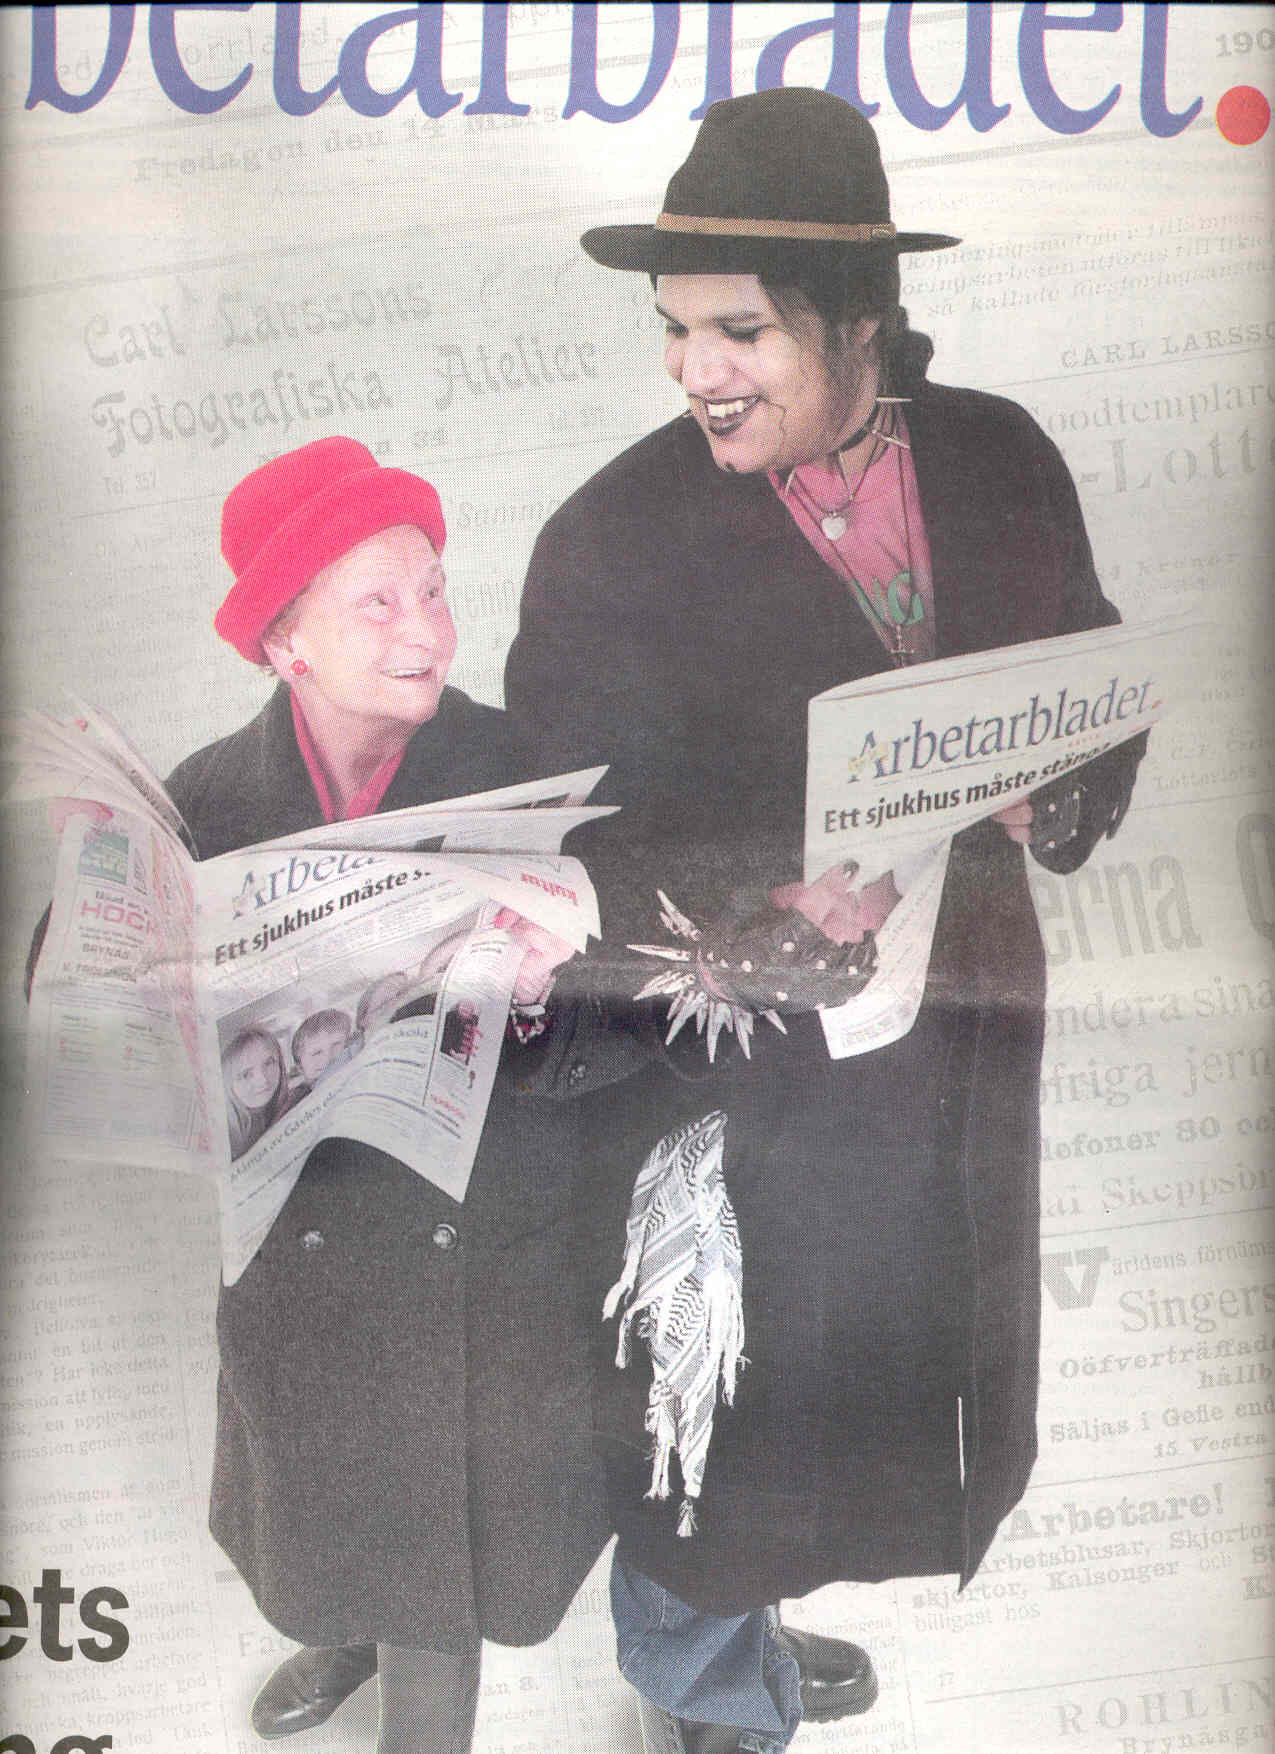 Arbetarbladet 100års-jubileum